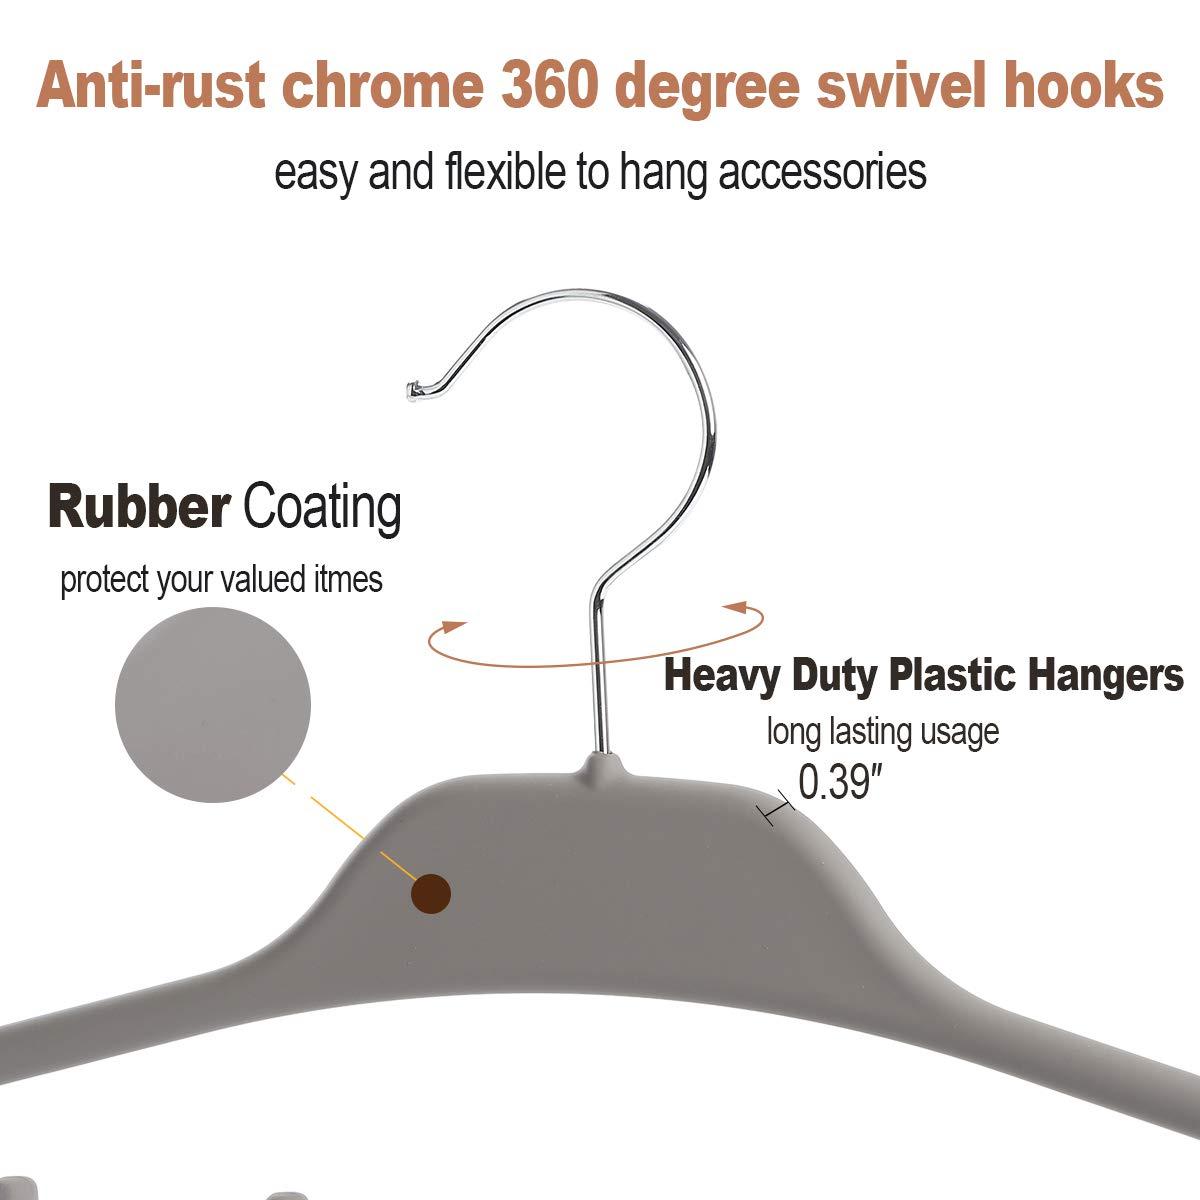 Gummi-Beschichtung Grau Elong Home G/ürtel-Aufh/änger f/ür Kleiderschrank 360 Grad drehbar Krawatten- und G/ürtel-Organizer 11 gro/ße Haken strapazierf/ähiger Kunststoff